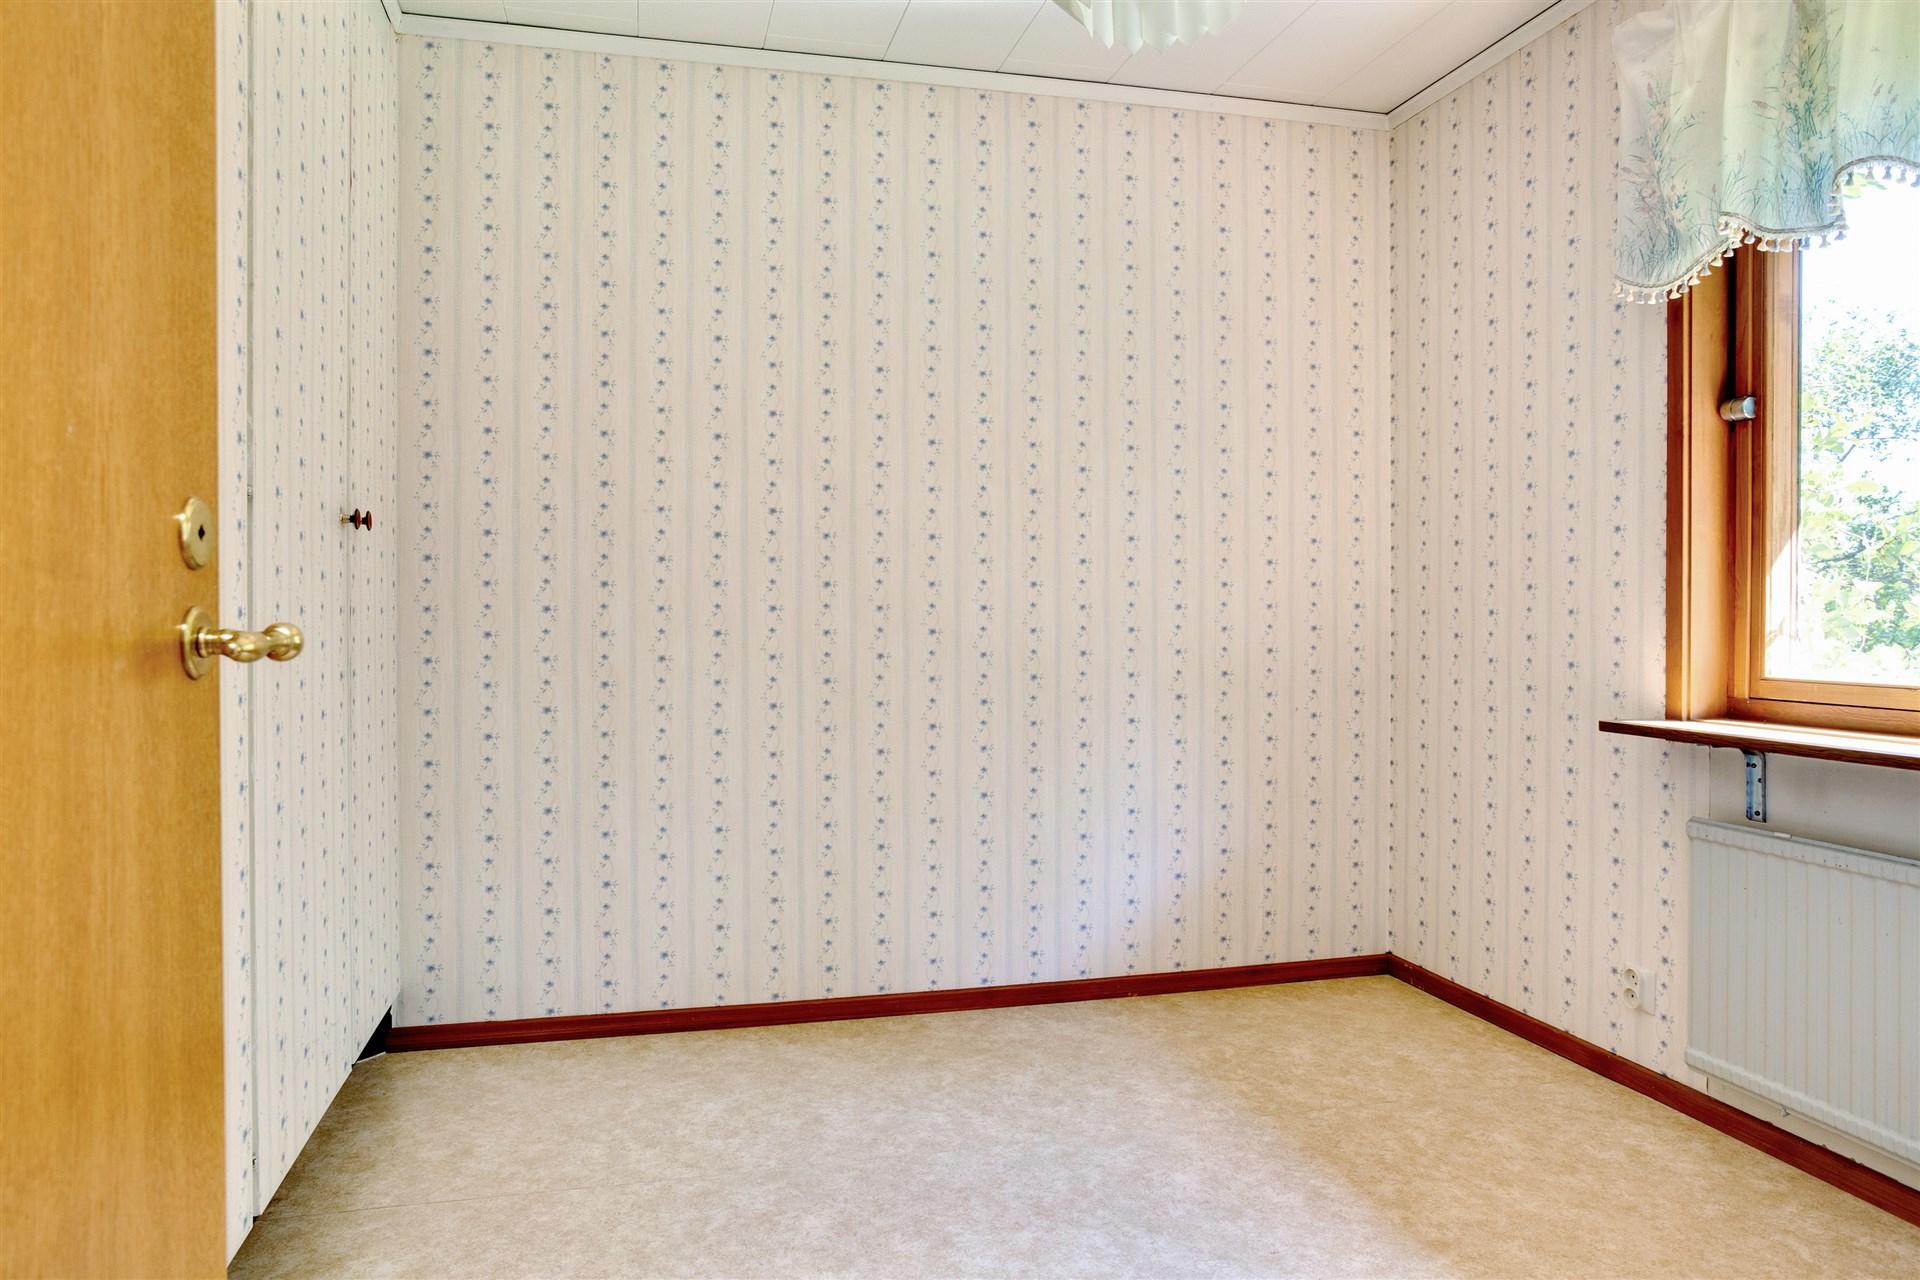 Sovrum 3 med flera garderober.